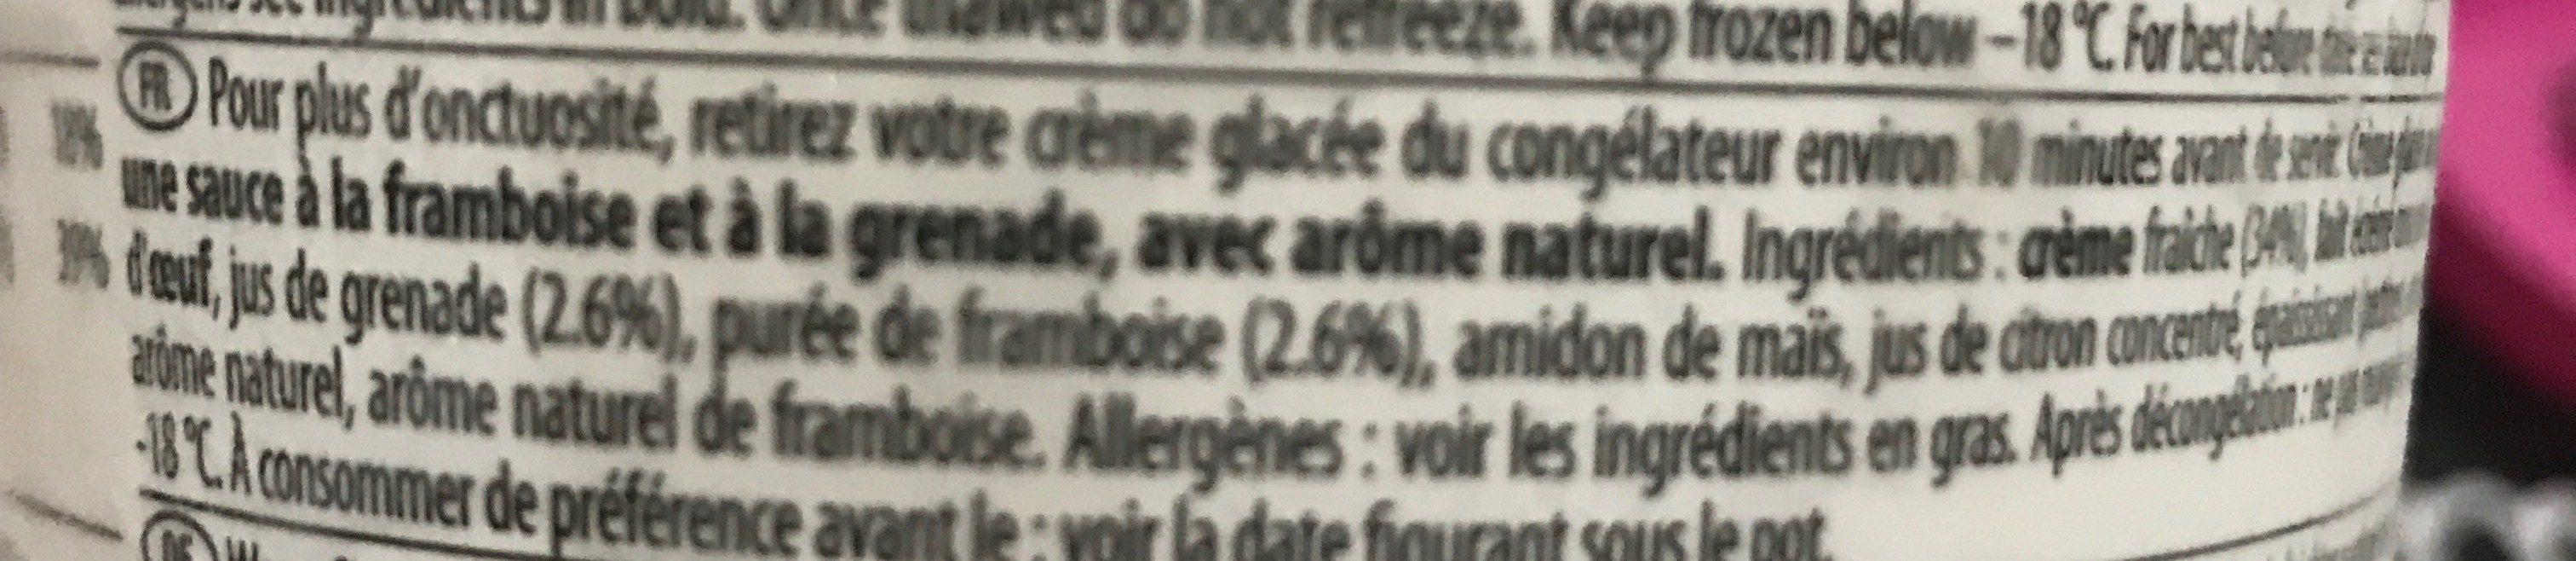 Glace - Ingrediënten